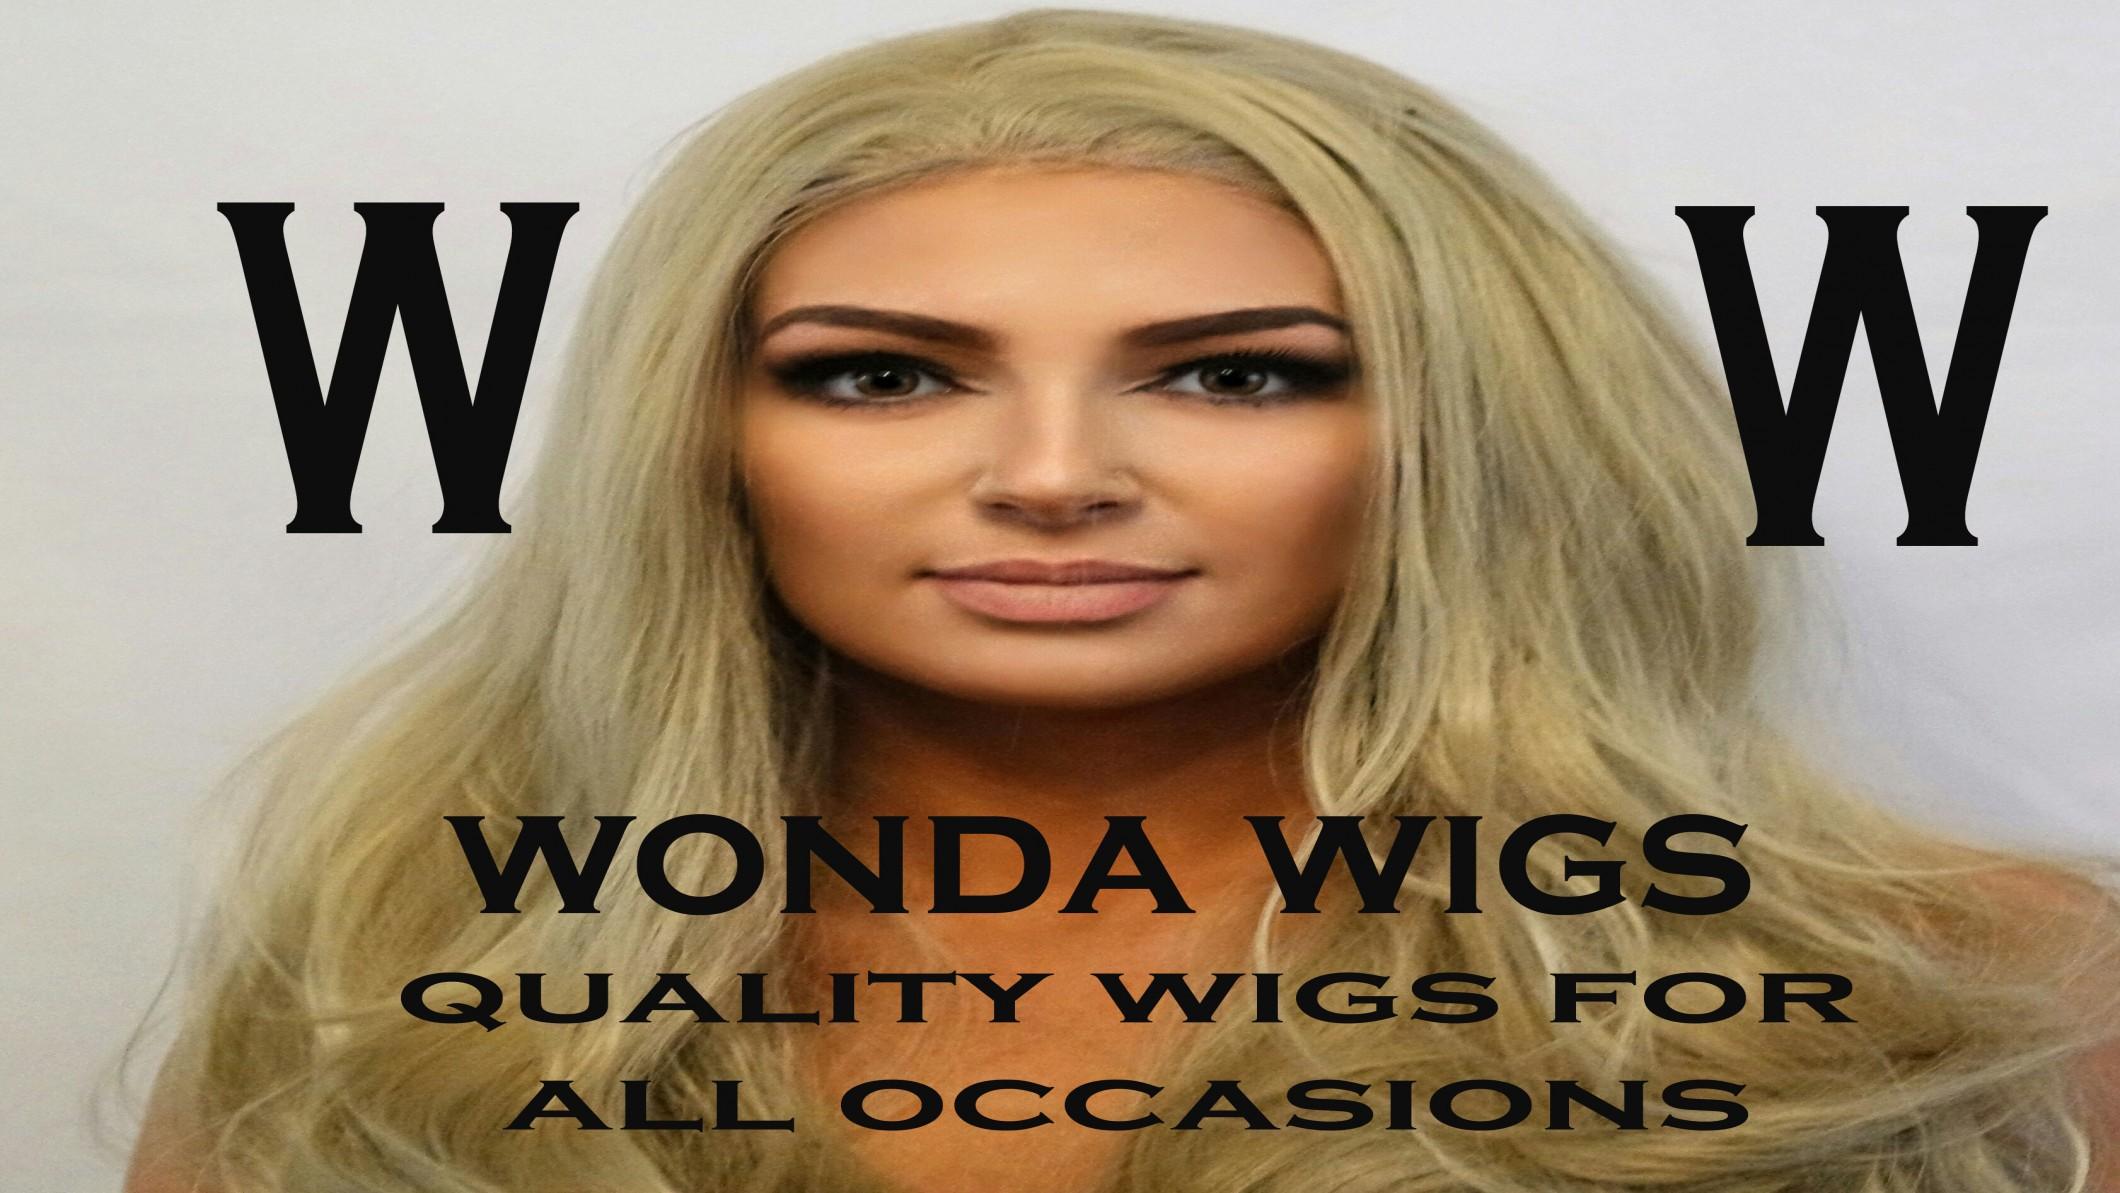 Wonda Wigs